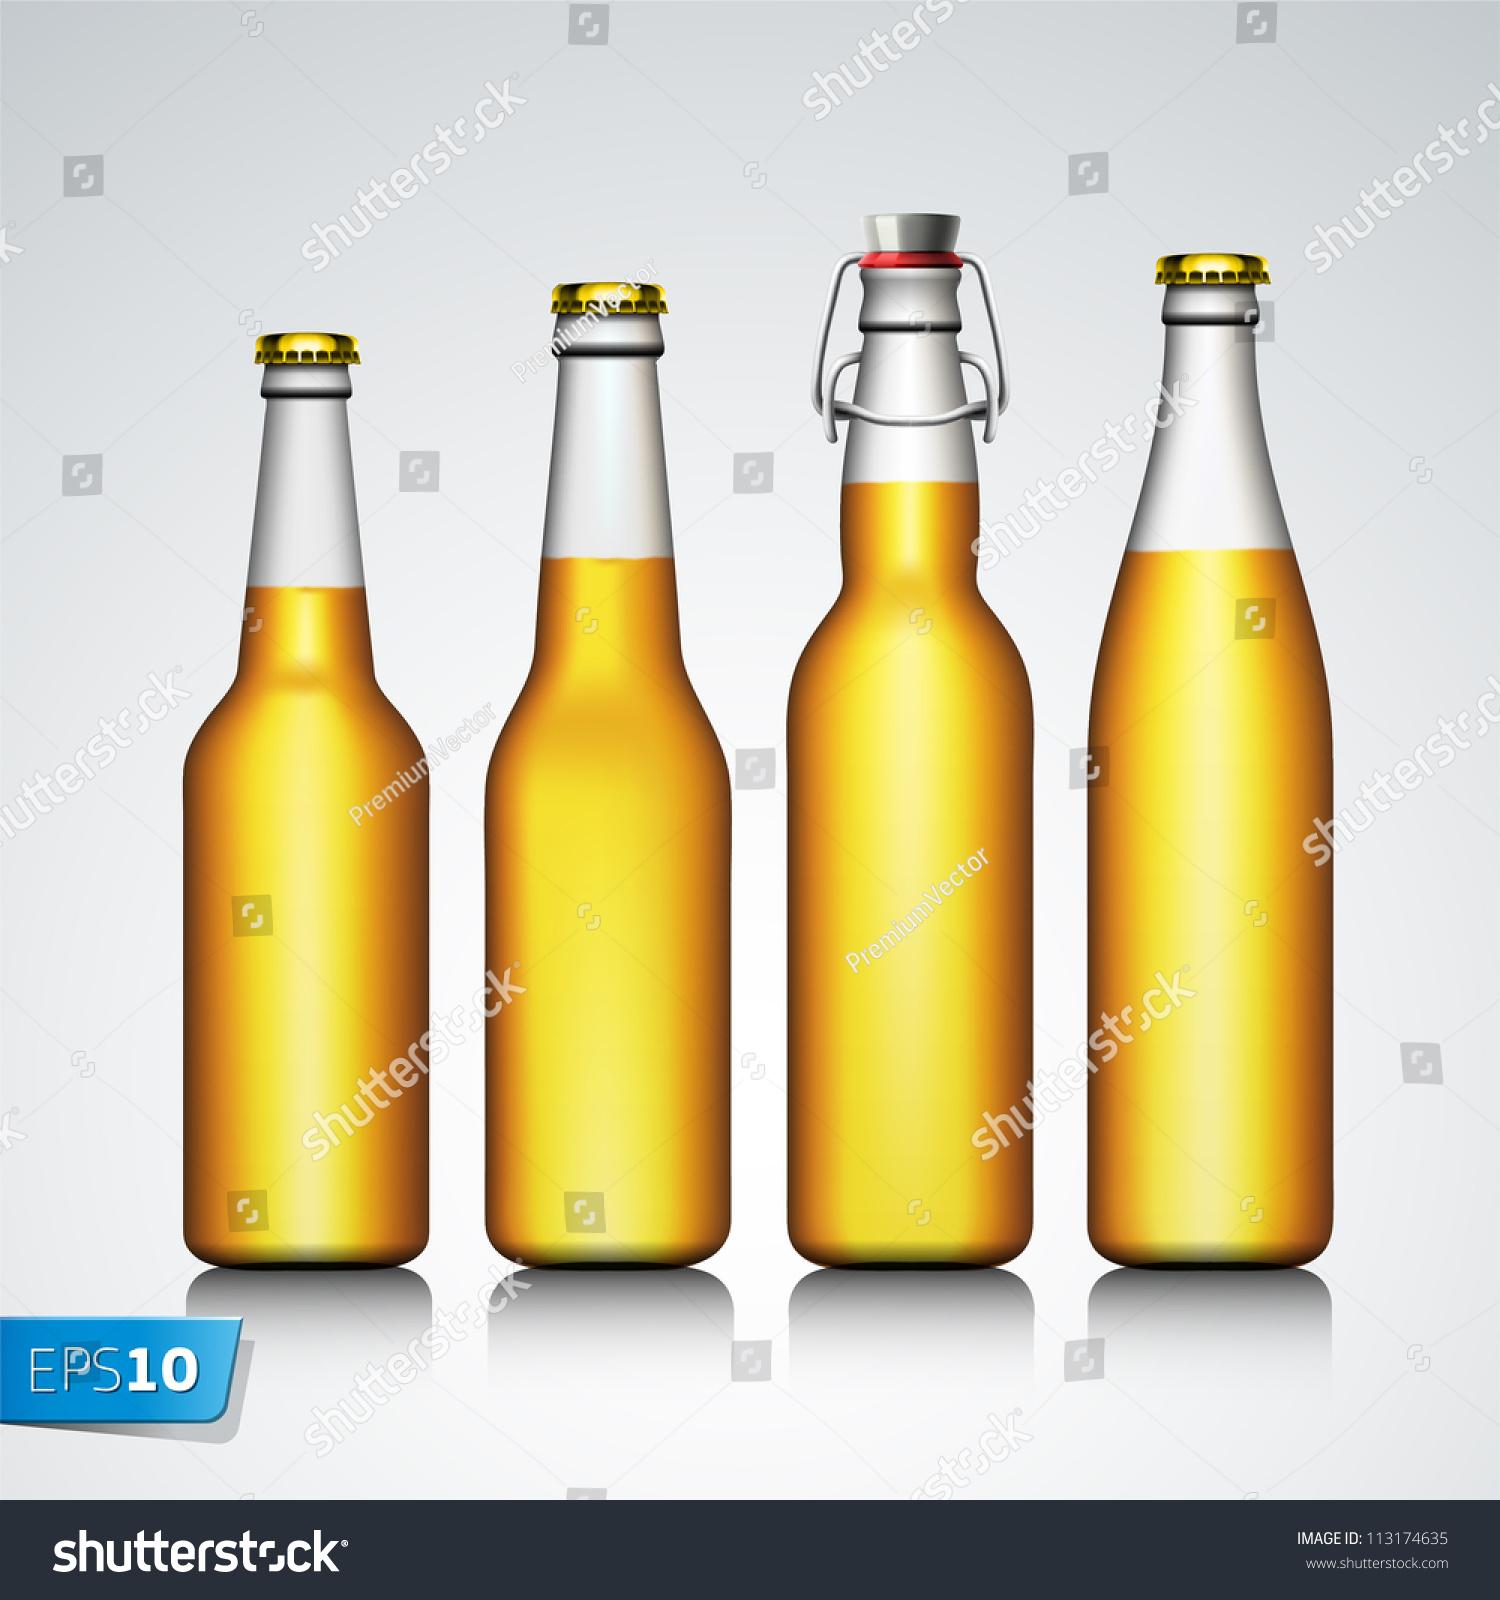 啤酒瓶明确没有标签,向量eps